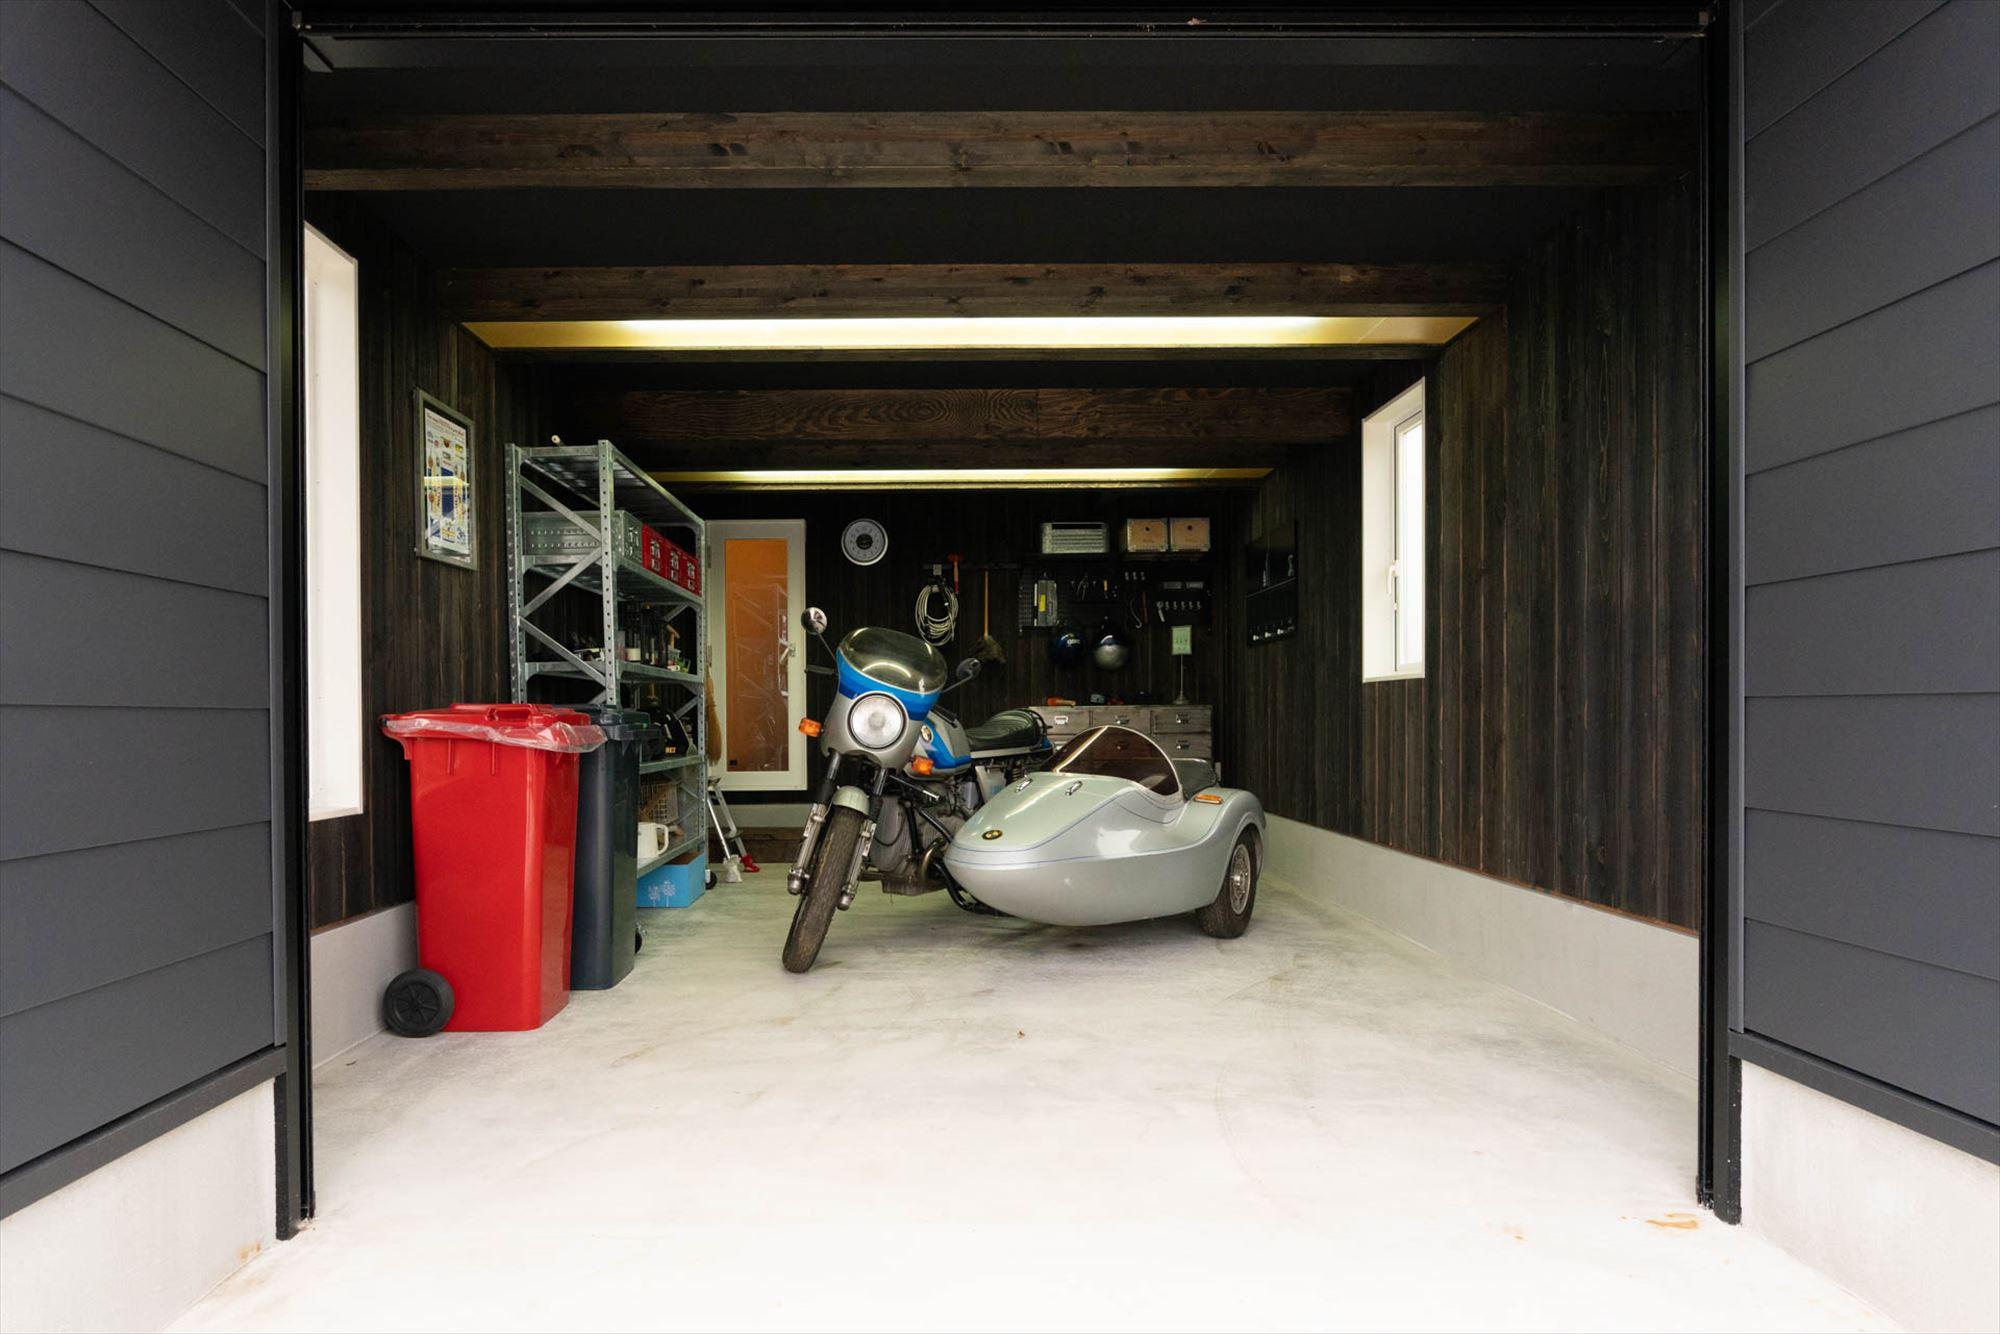 広々としたガレージスペース。玄関とは別に居住スペース側への内扉もついています